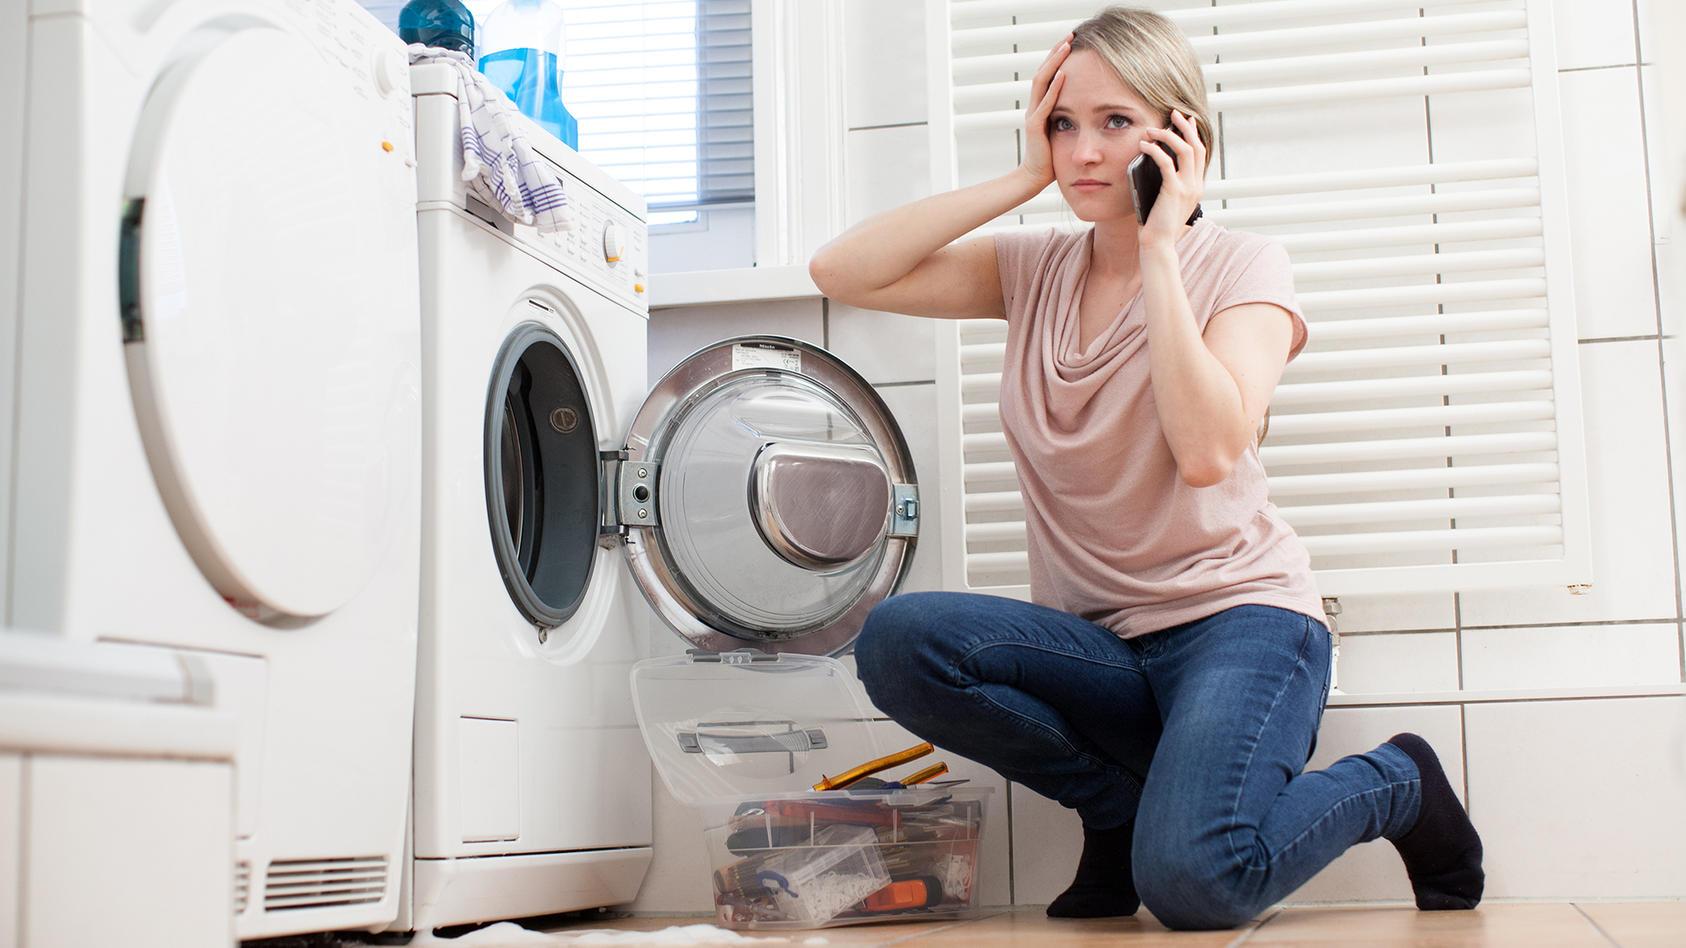 Eine junge Frau telefoniert mit einem Handwerker, nachdem ihre Waschmaschine Leck geschlagen ist.